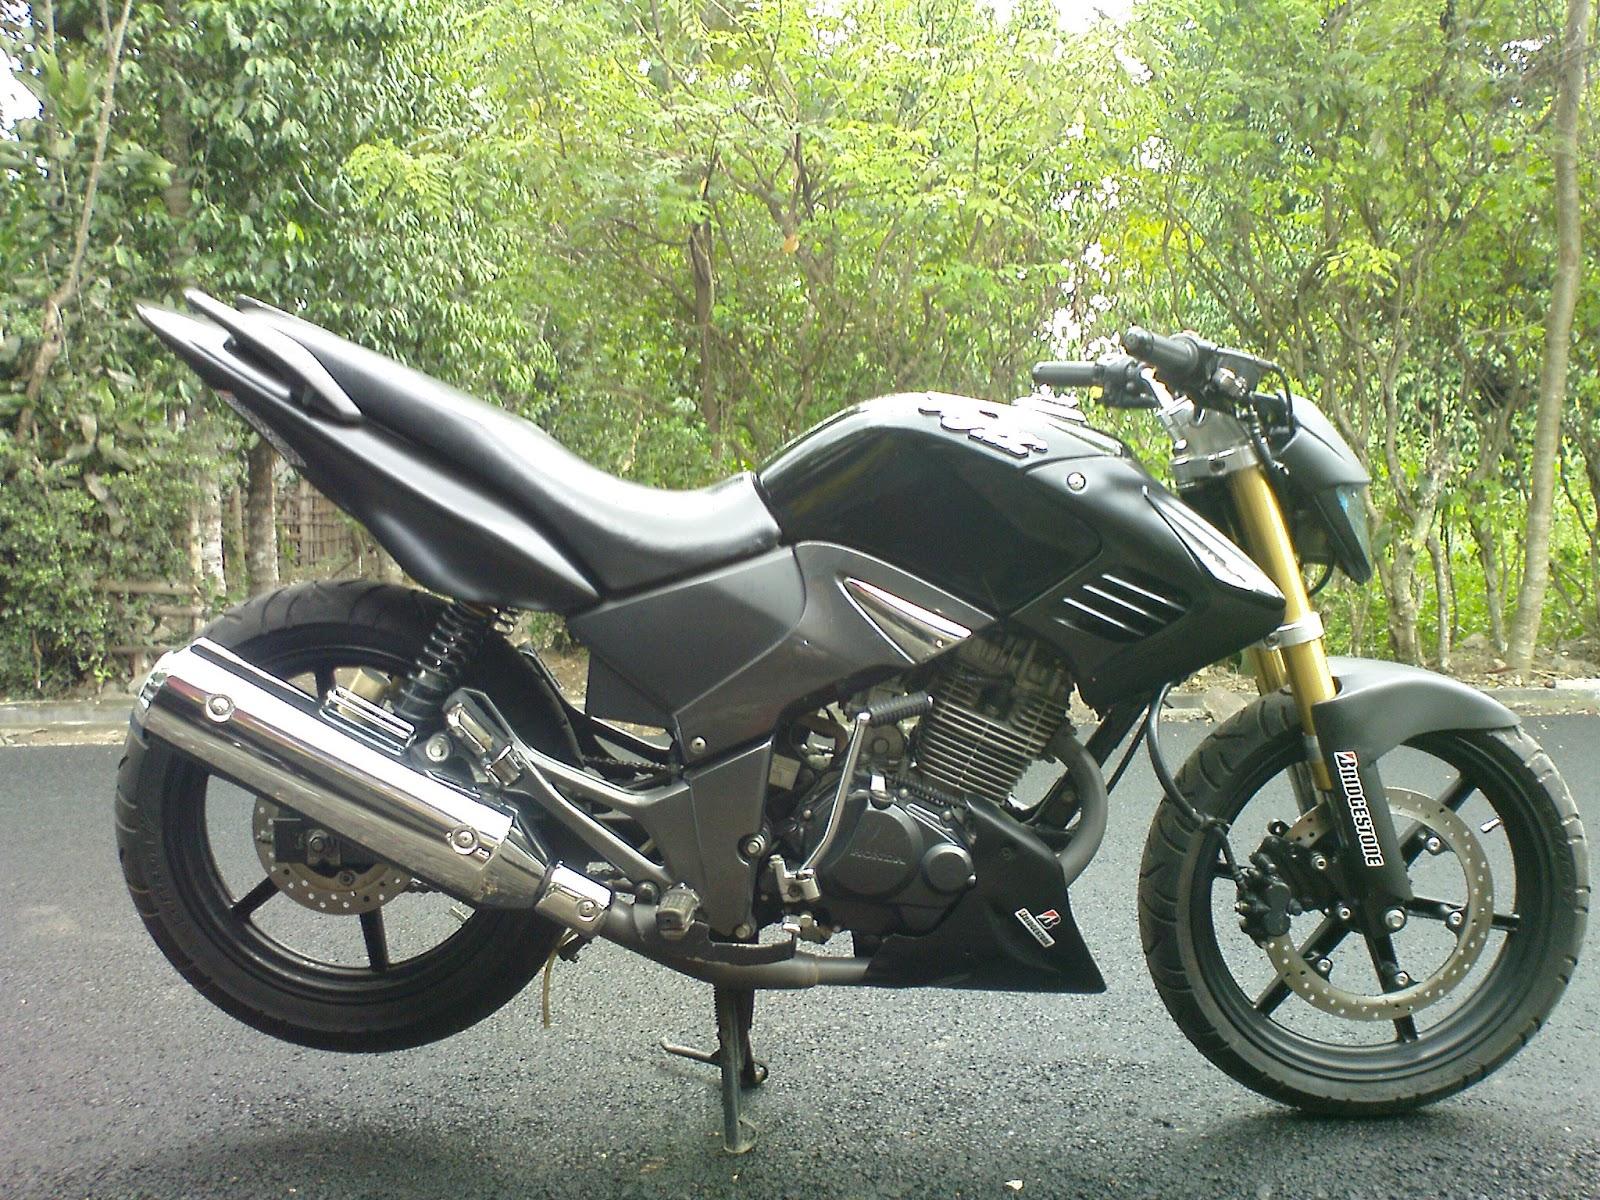 Jual Karbu Mikuni Honda Tiger Di Pagar Alam | Ipshof.com